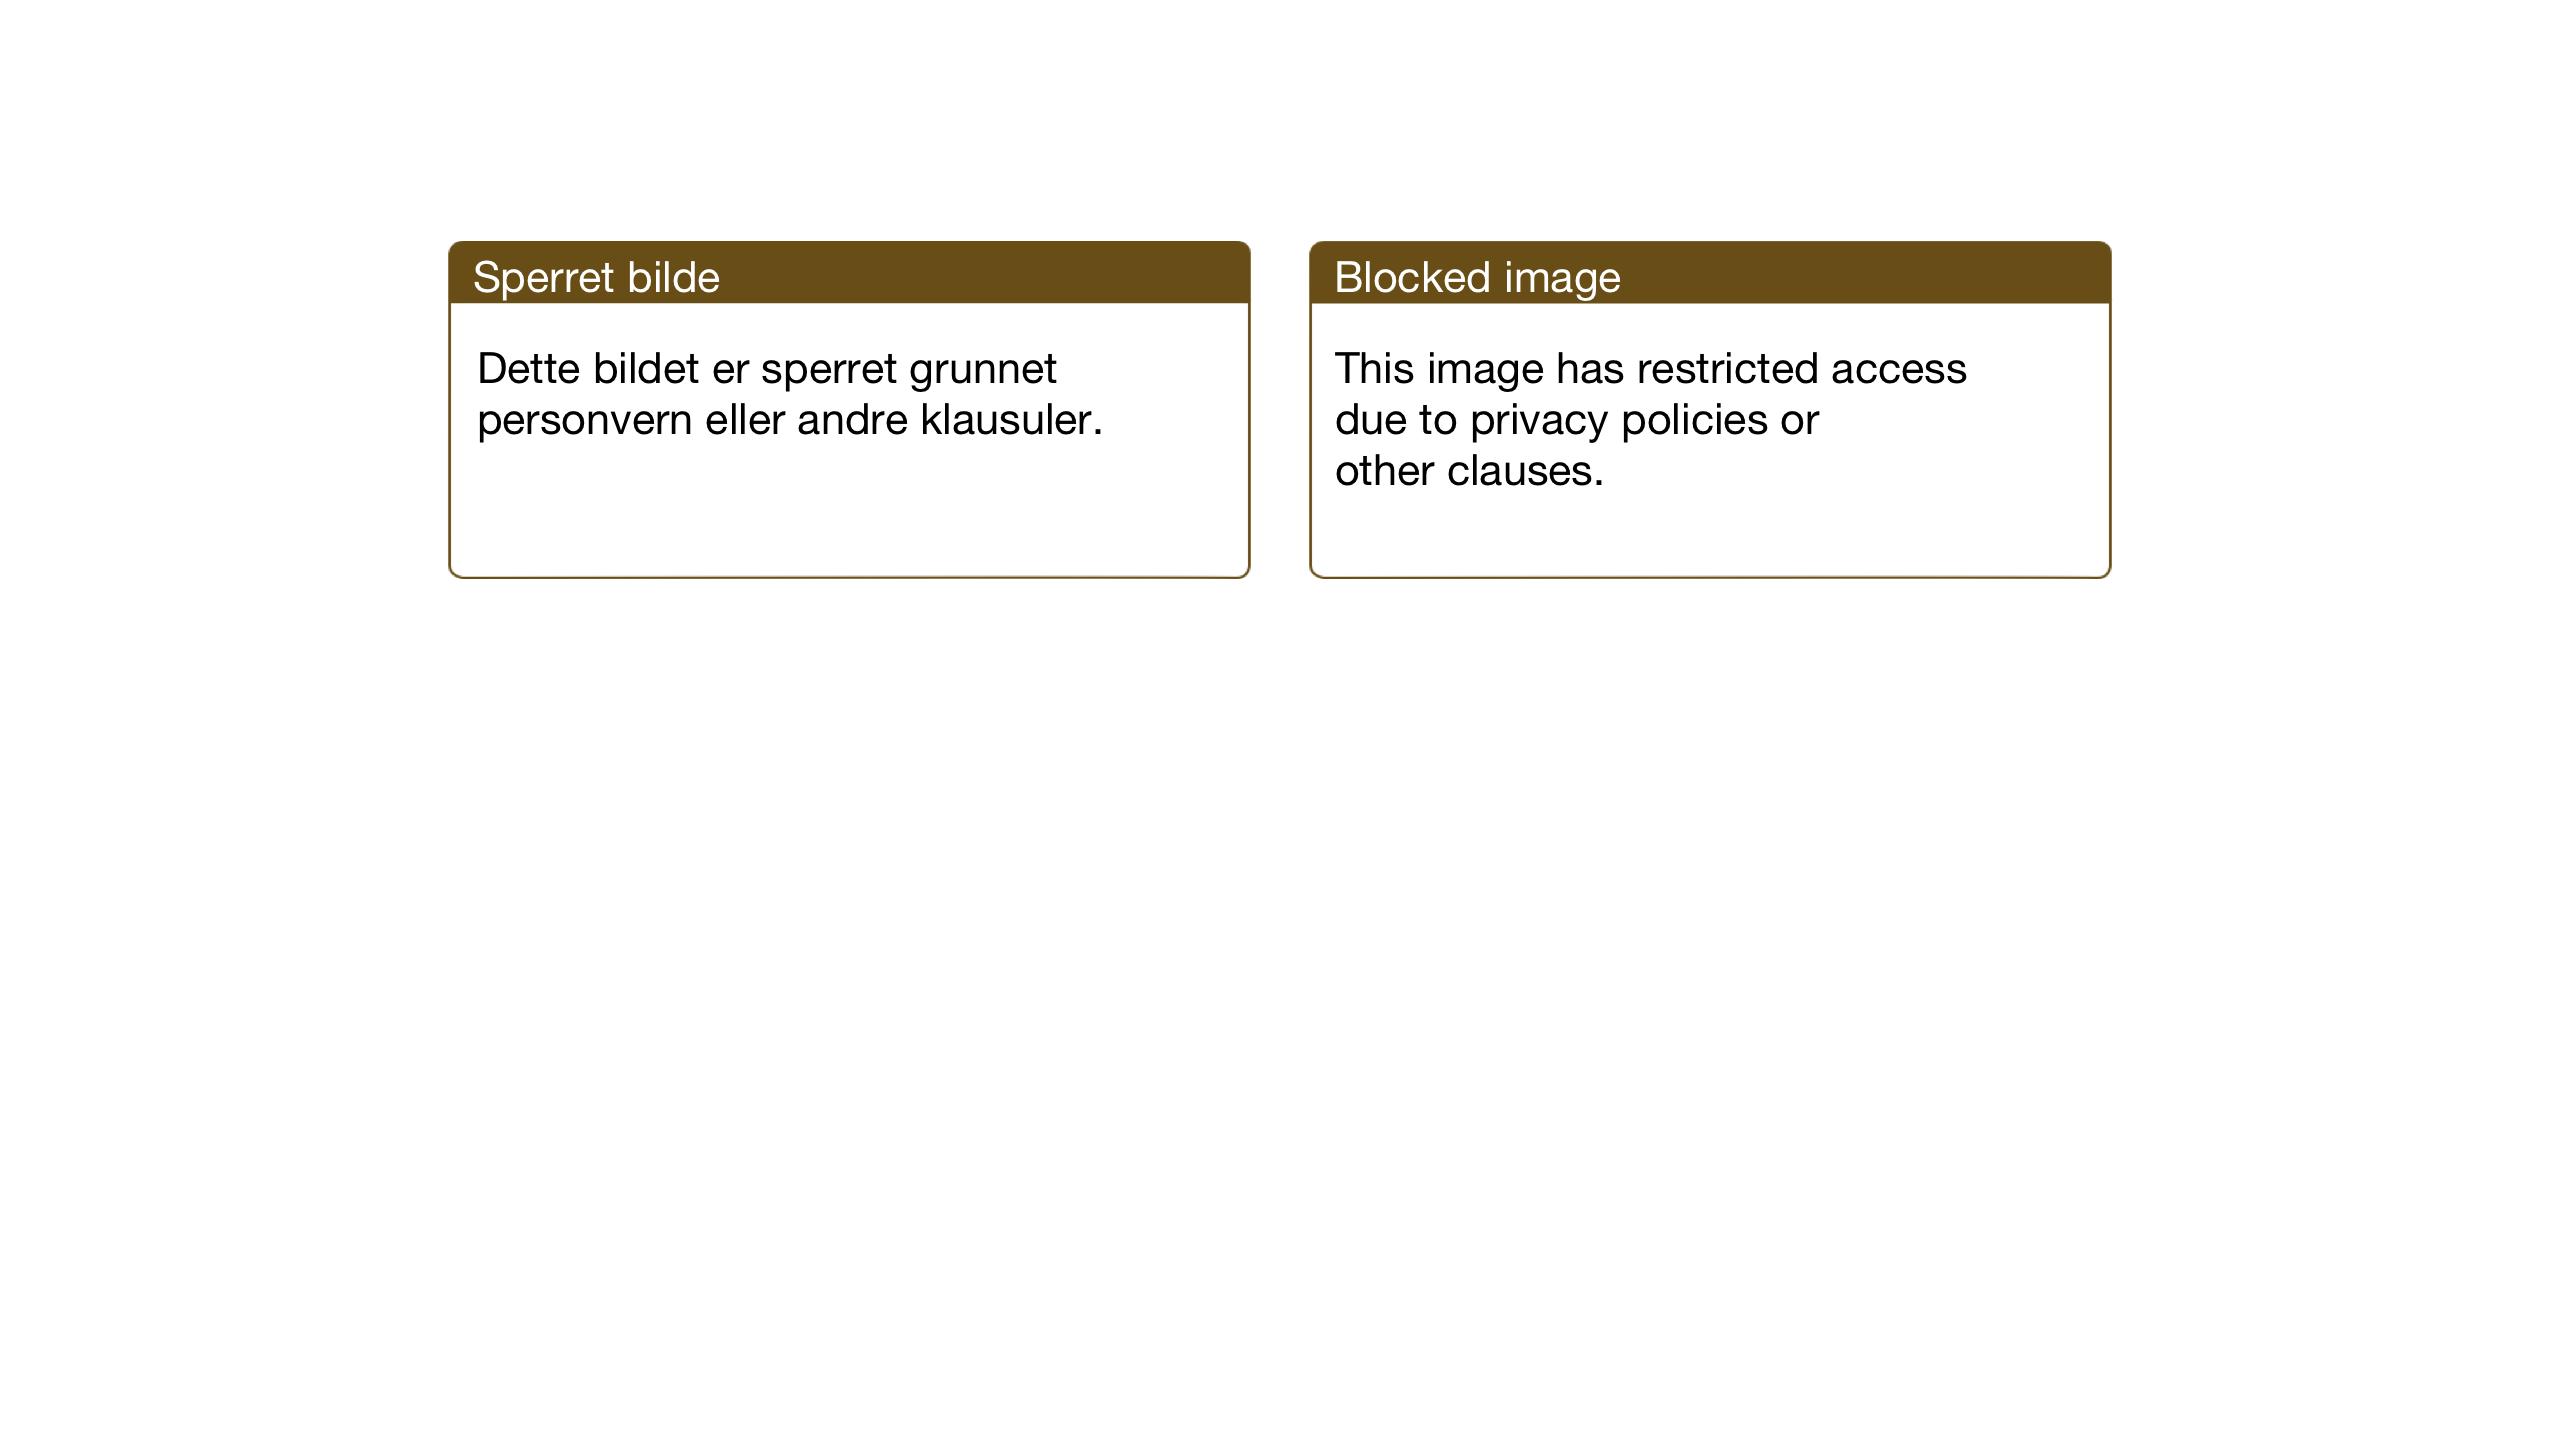 SAT, Ministerialprotokoller, klokkerbøker og fødselsregistre - Sør-Trøndelag, 640/L0590: Klokkerbok nr. 640C07, 1935-1948, s. 82